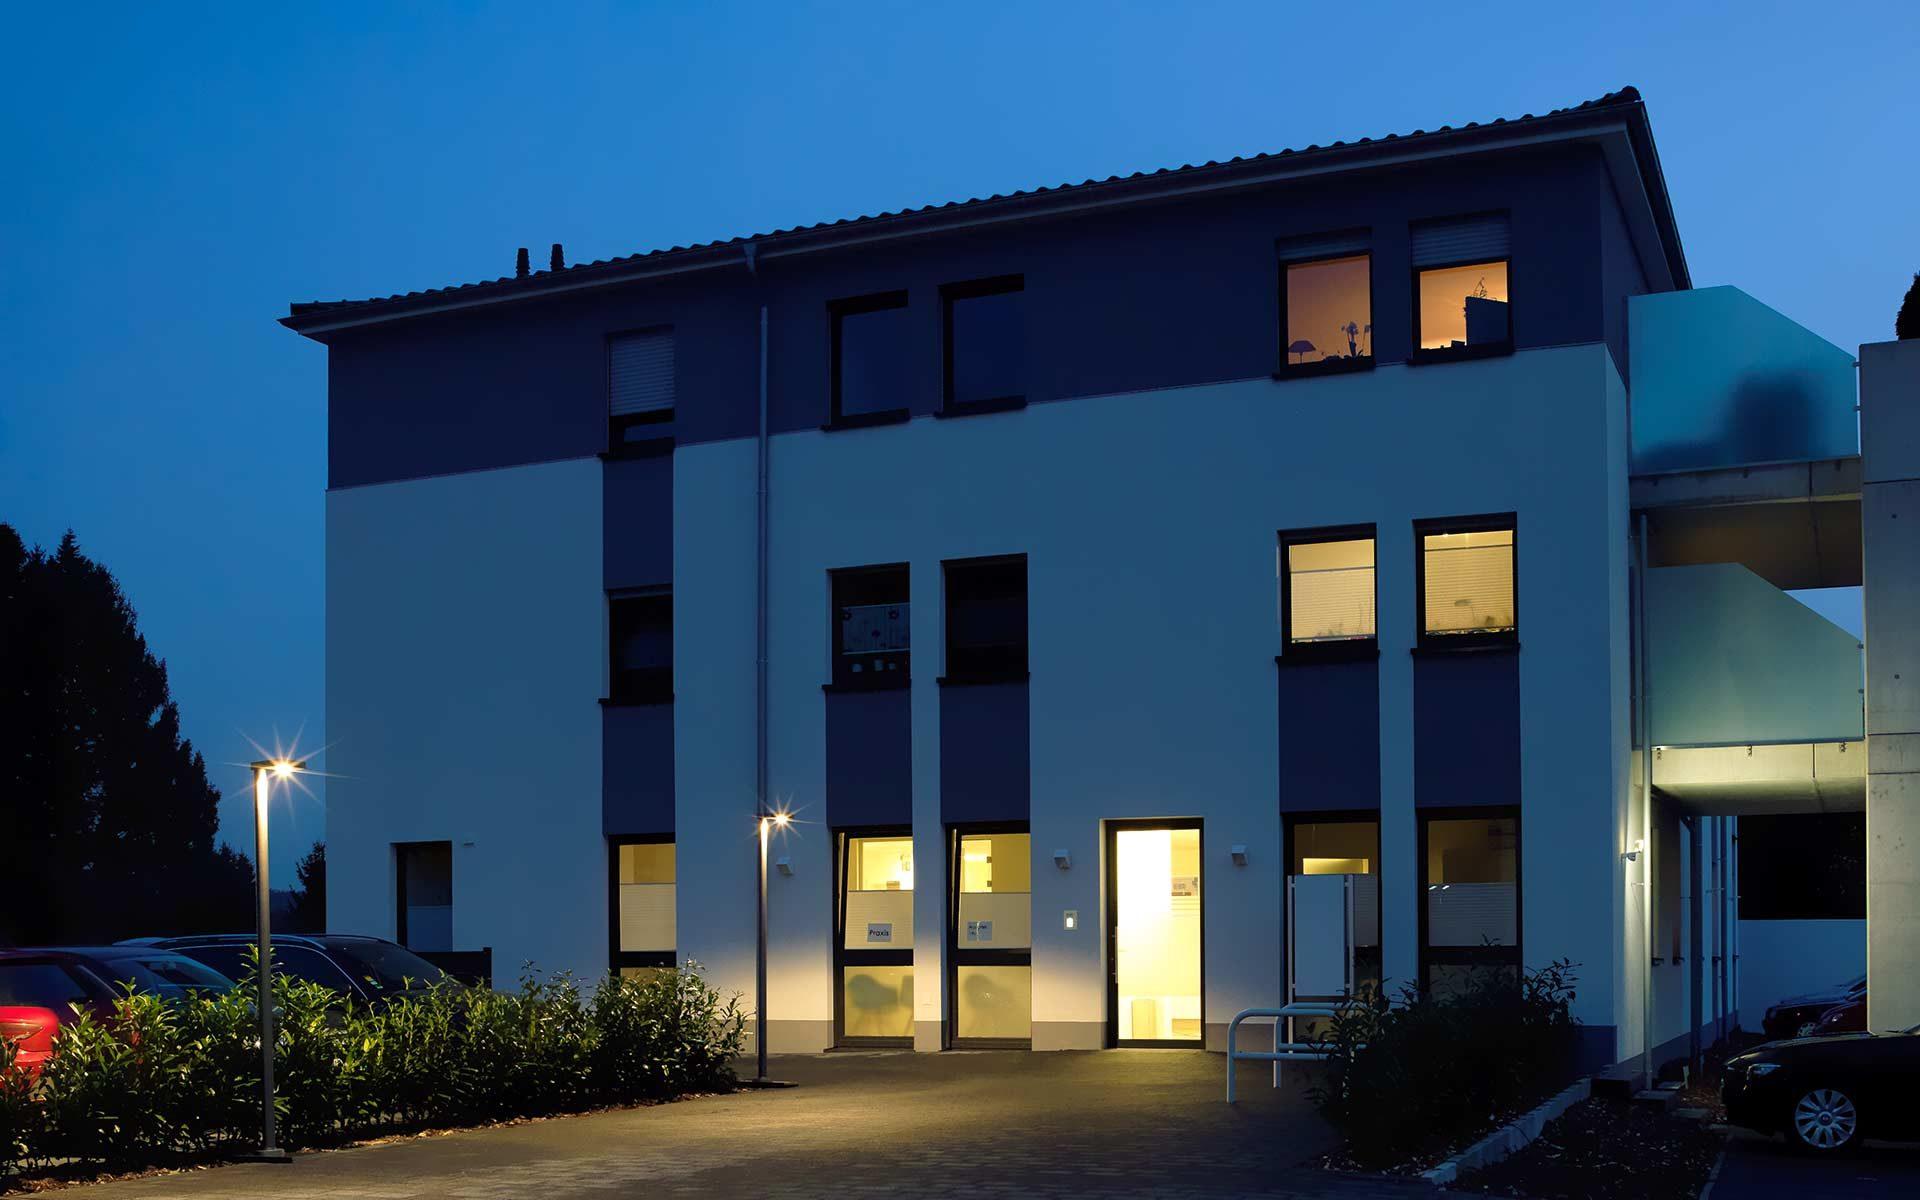 Der Gehweg, der zu einem modernen Haus führt, wird abends von mehreren Mastleuchten beleuchtet.